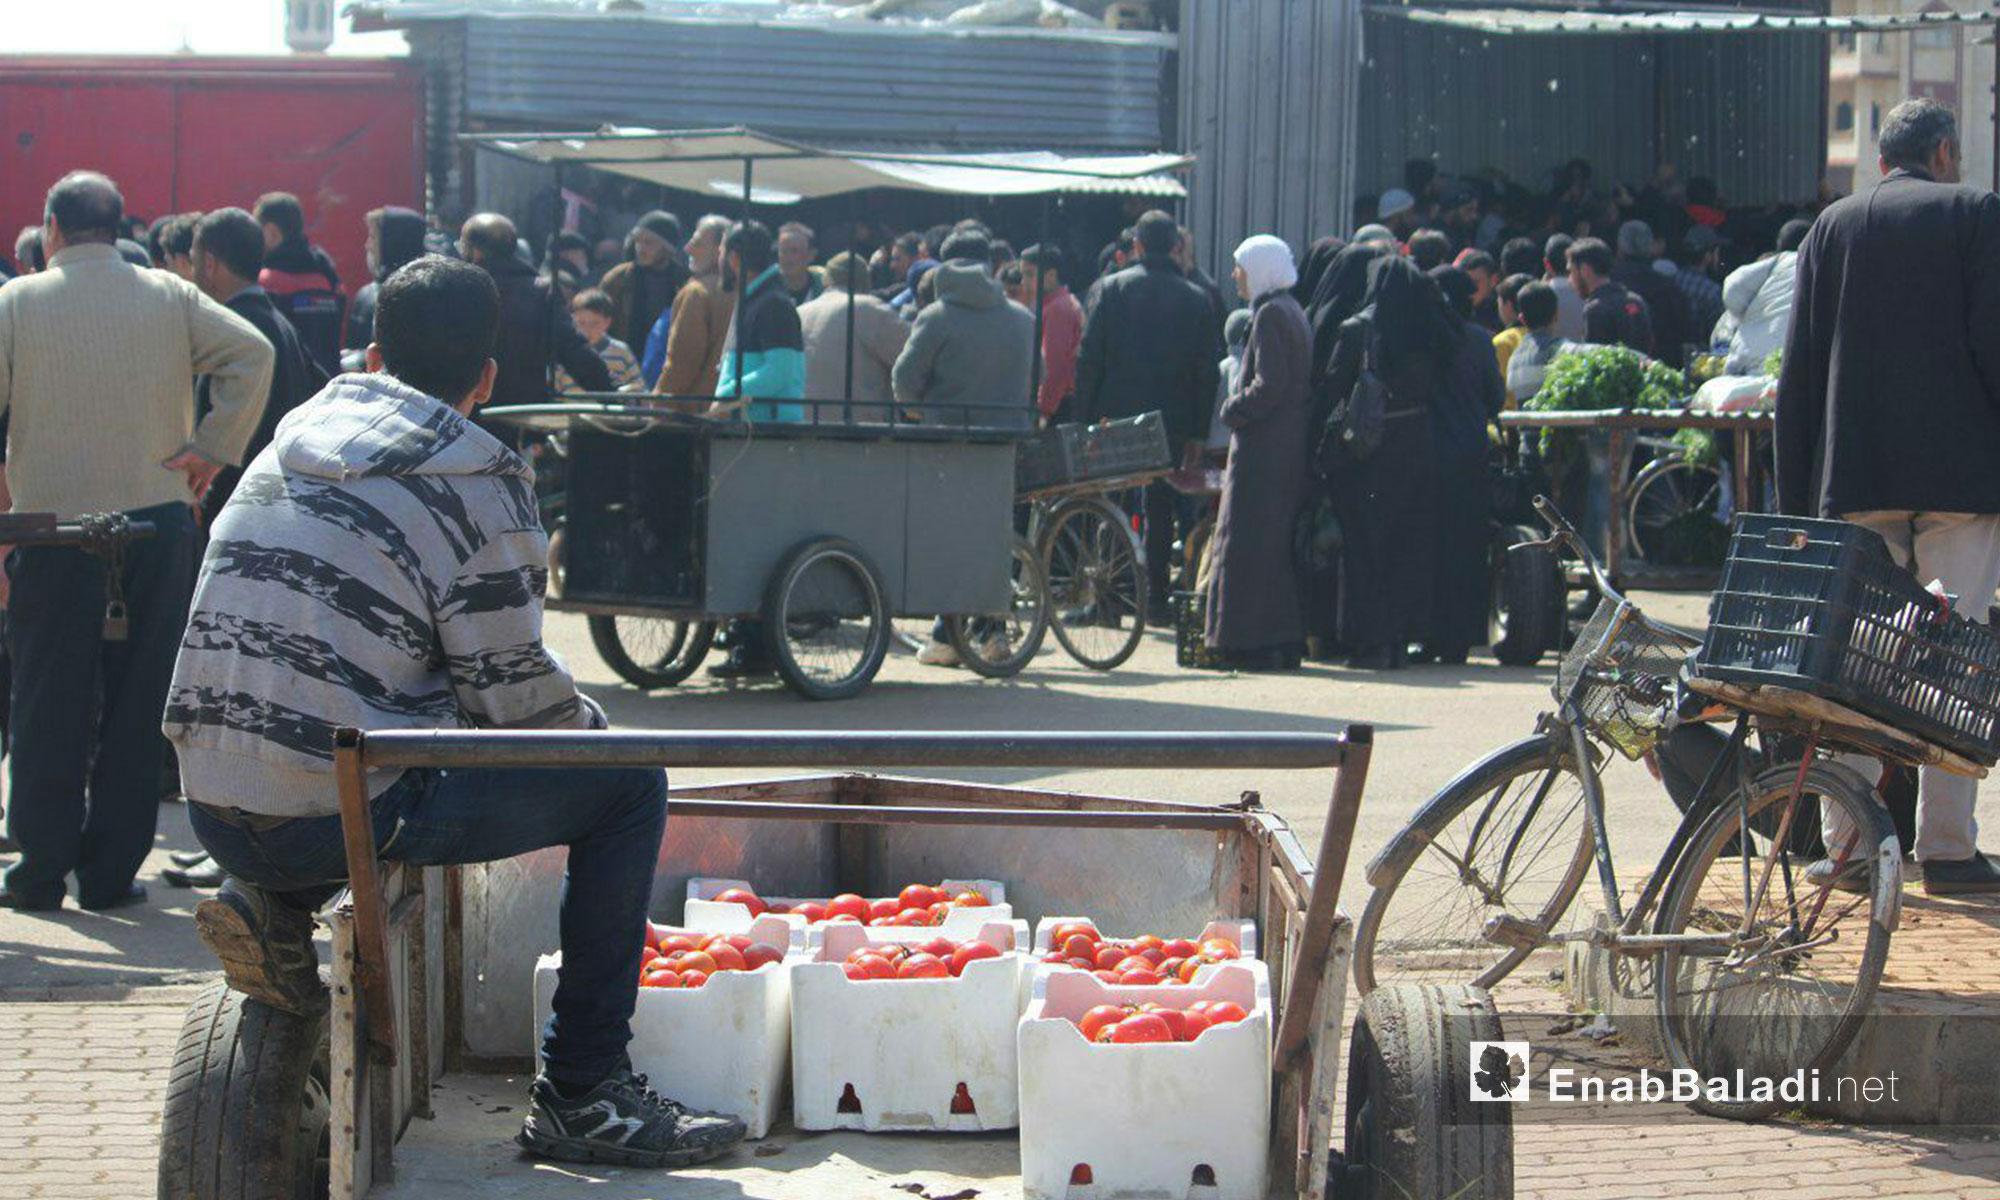 دخول سيارات الخضار والفواكه إلى حي الوعر في حمص - 19 آذار 2017 (عنب بلدي)